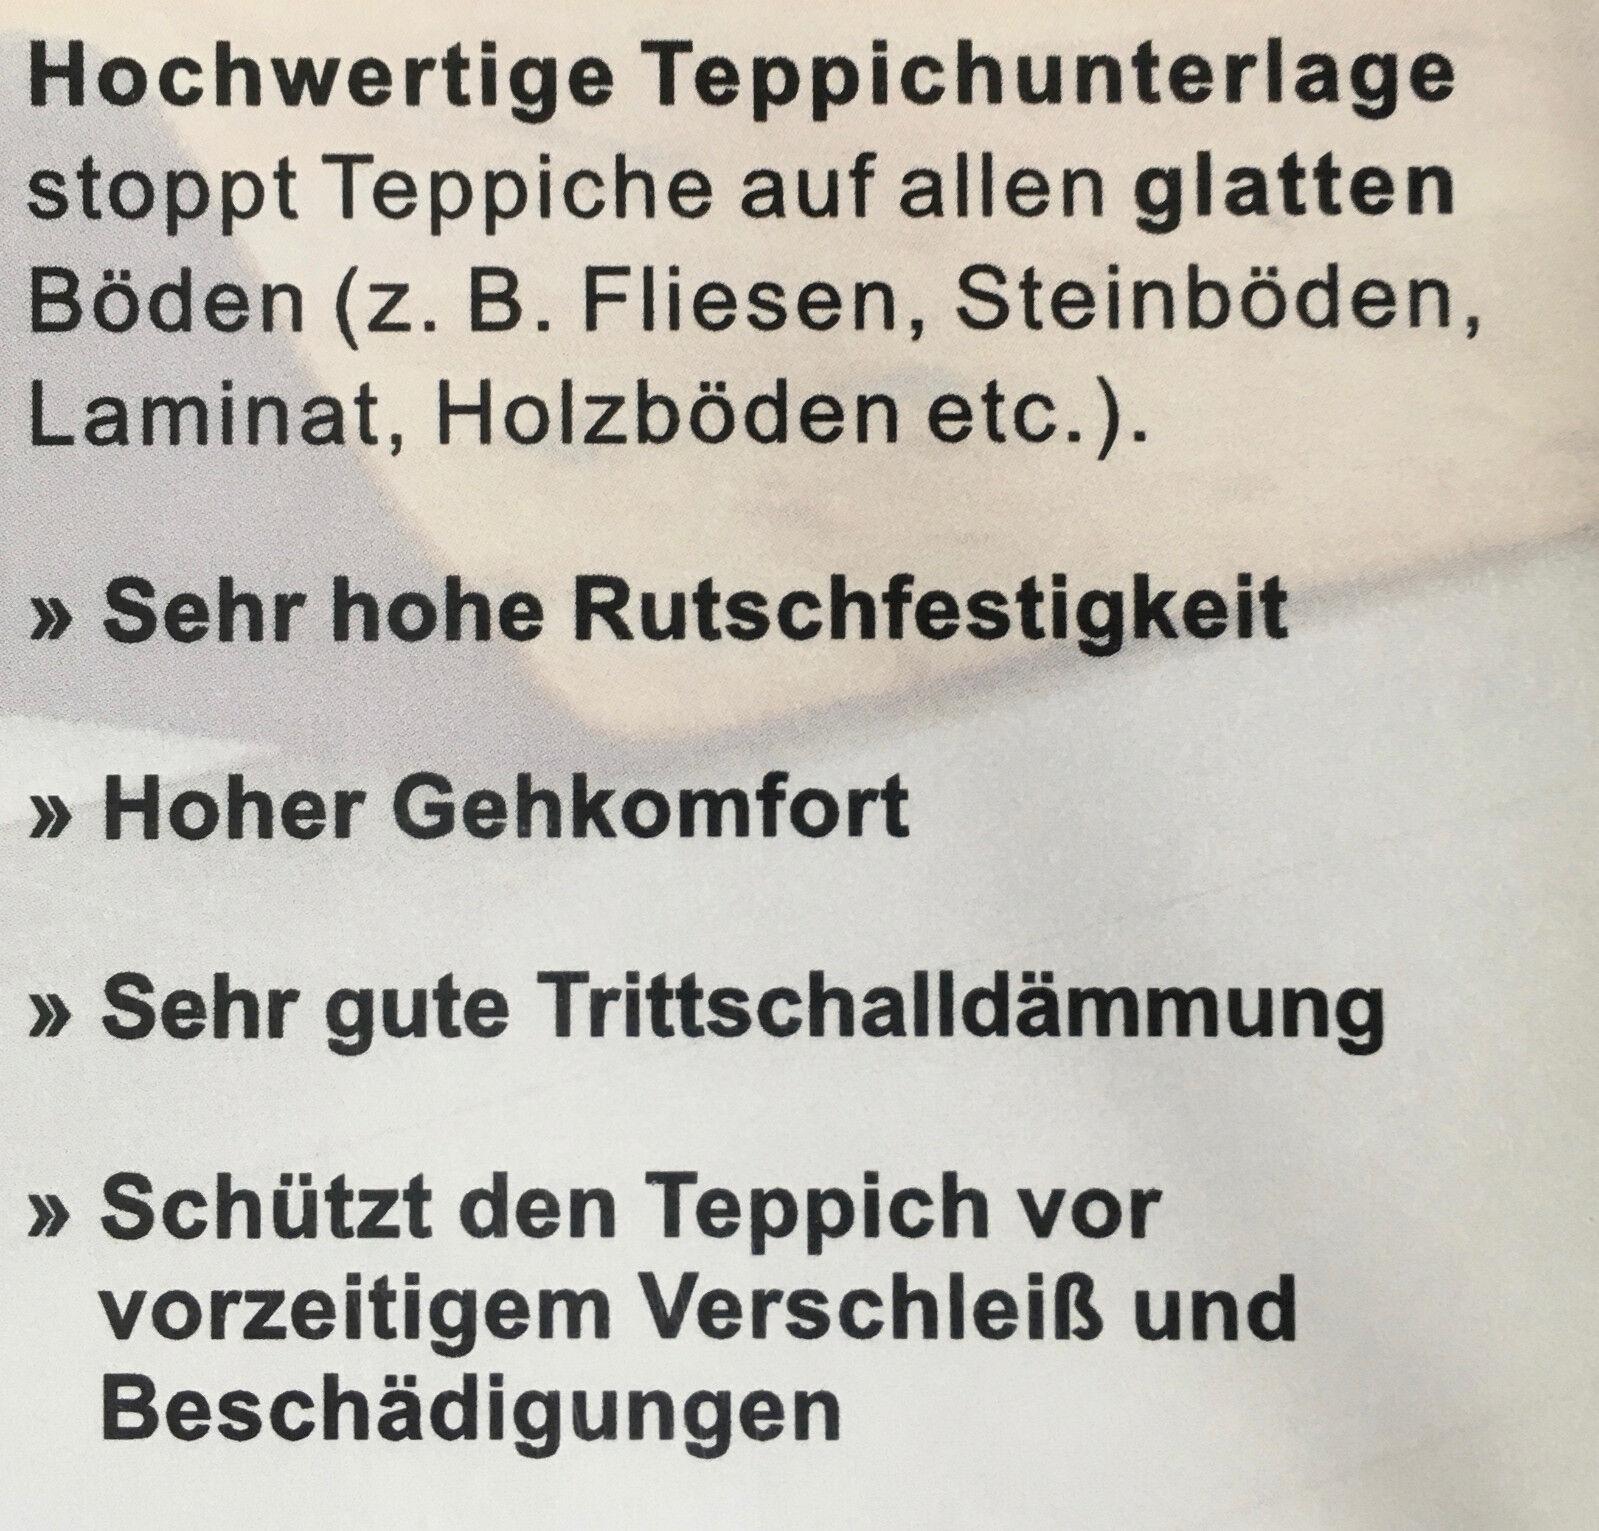 Tapis Gleitschutz AKO Elastic 2,5 Tailles Tailles Tailles à partir de 80 x 150 cm pour les sols lisses | Technologie Sophistiquée  d80066